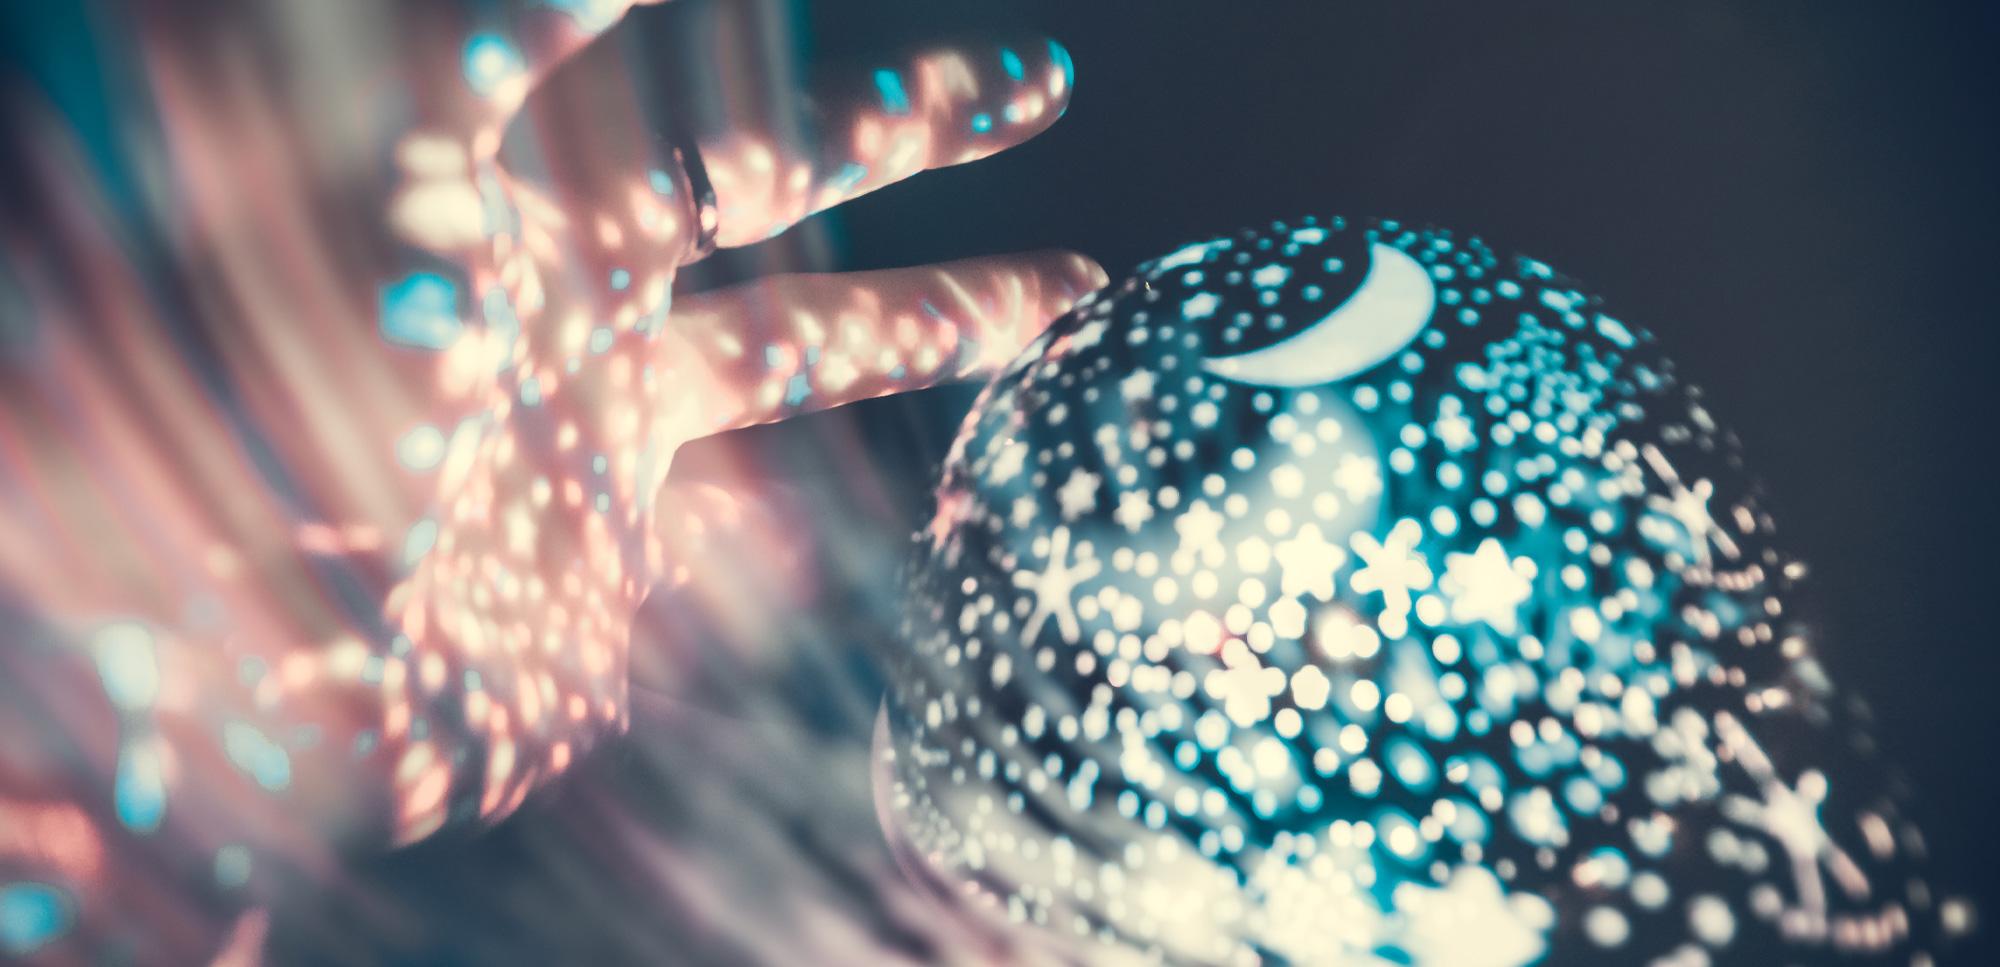 Projecteur-galaxie-decoration